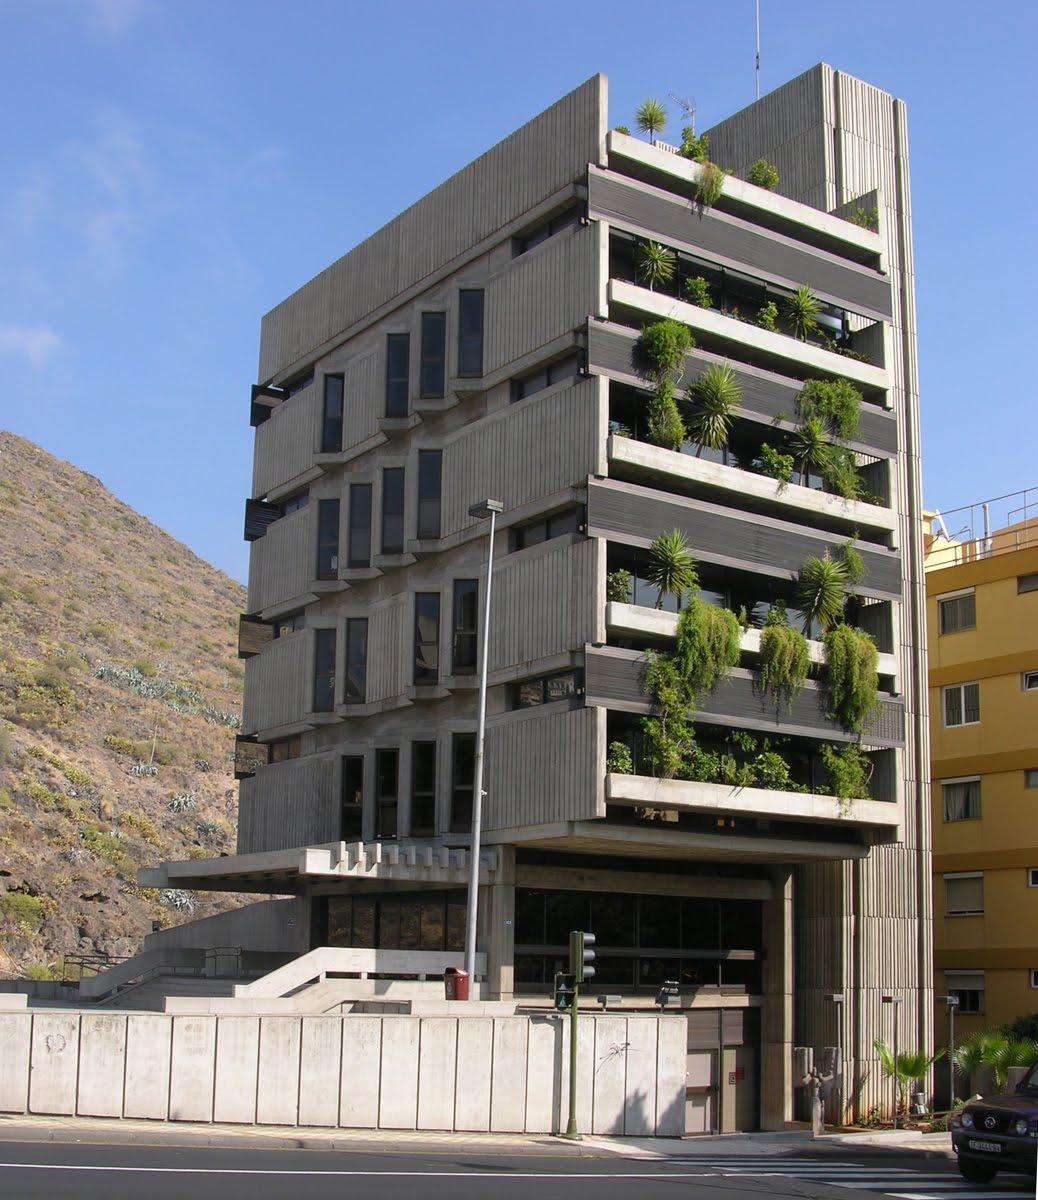 Islas y territorio part 9 - Colegio arquitectos canarias ...